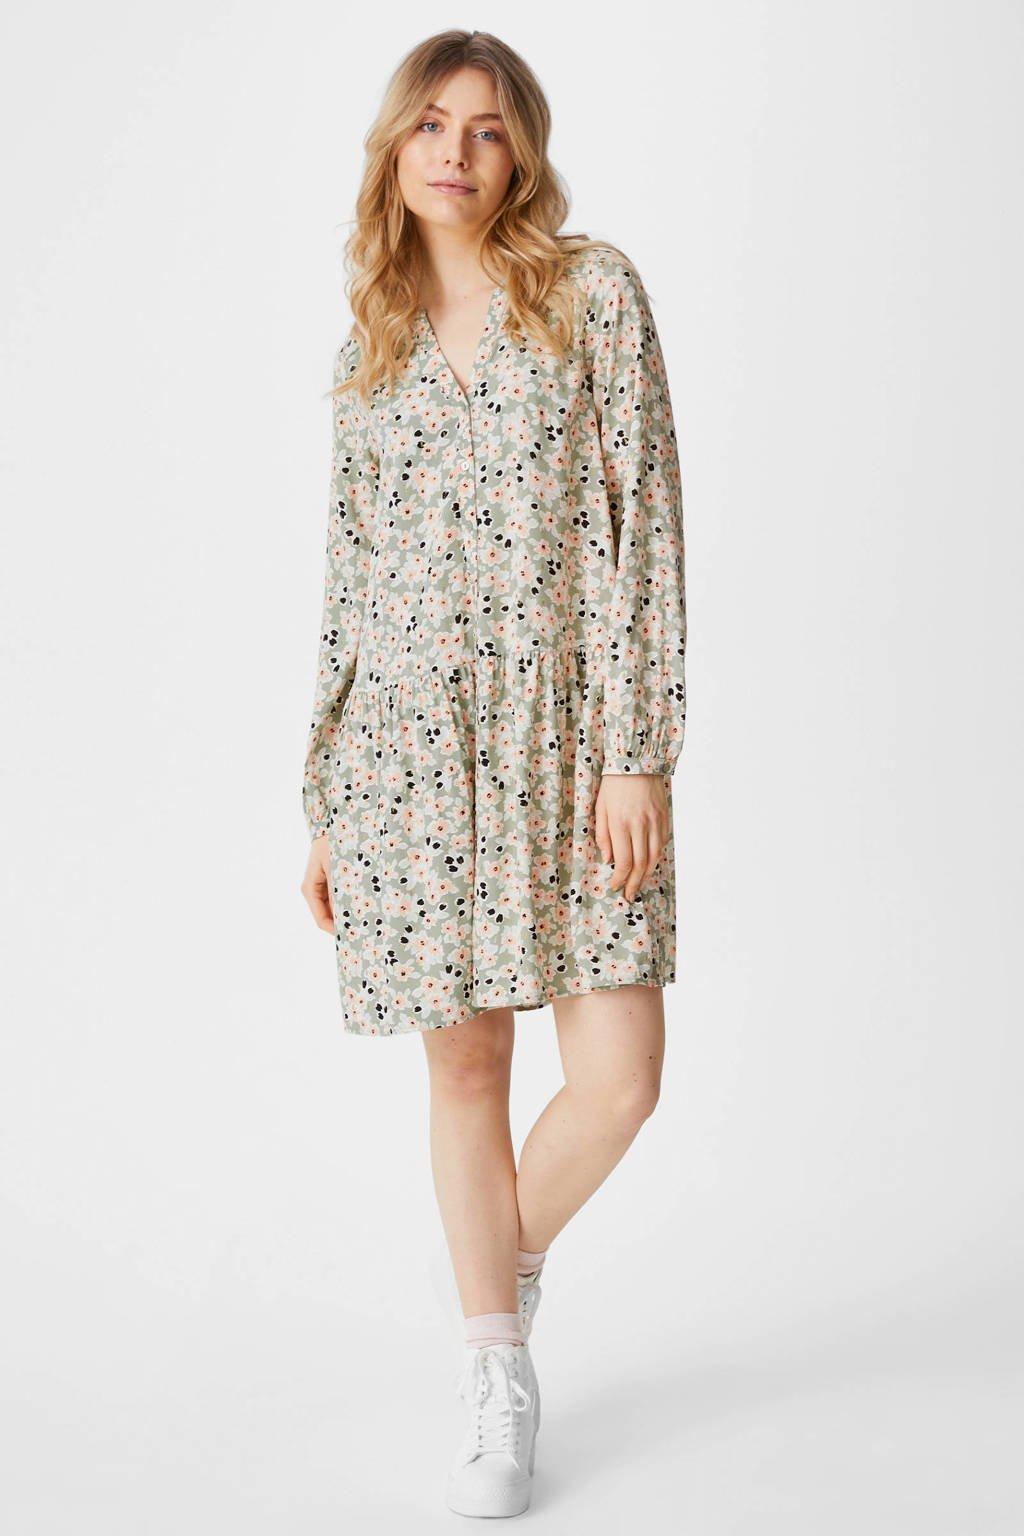 C&A Yessica gebloemde jurk lichtgroen, Lichtgroen